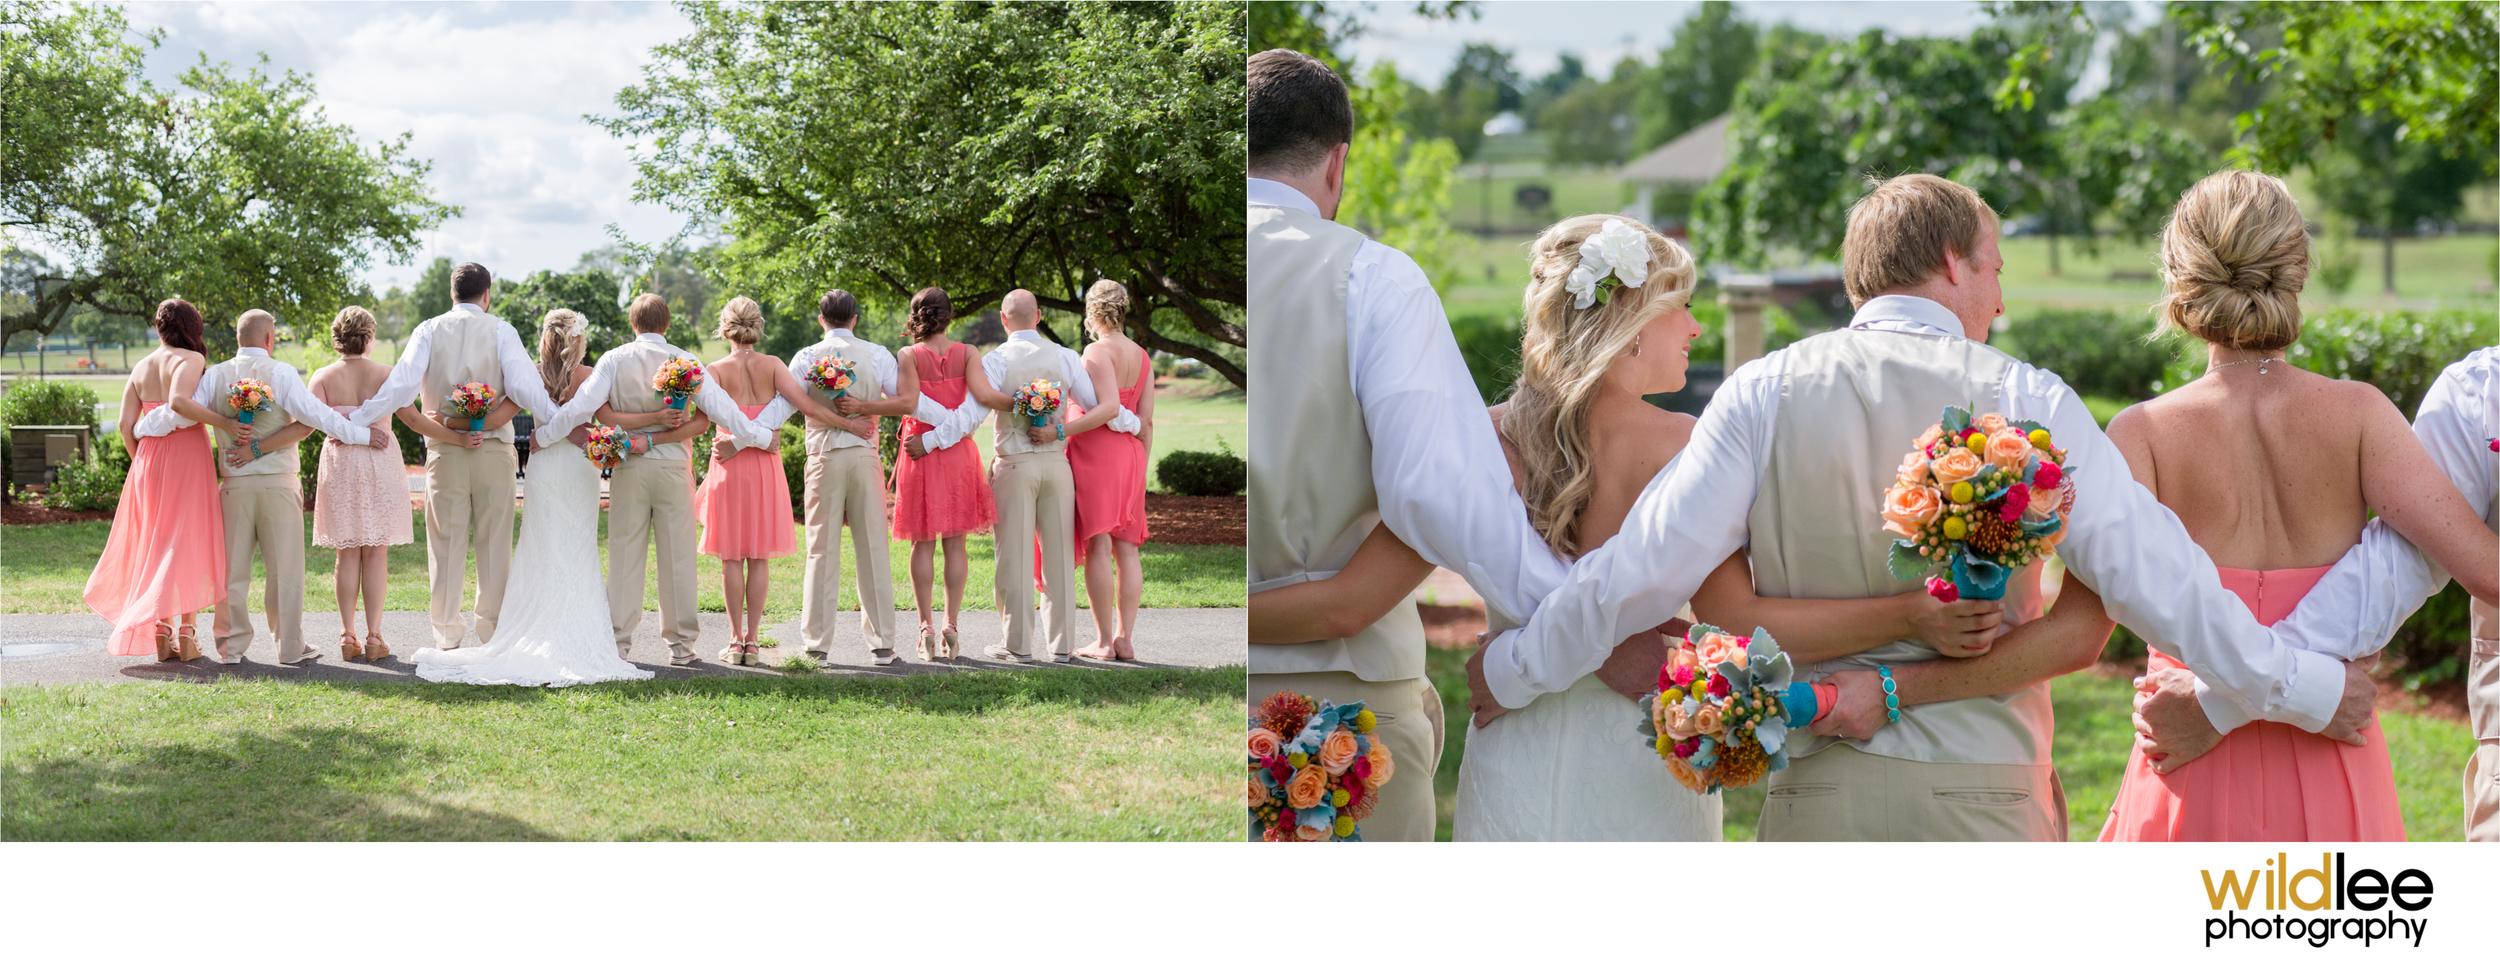 Weddingparty9.jpg